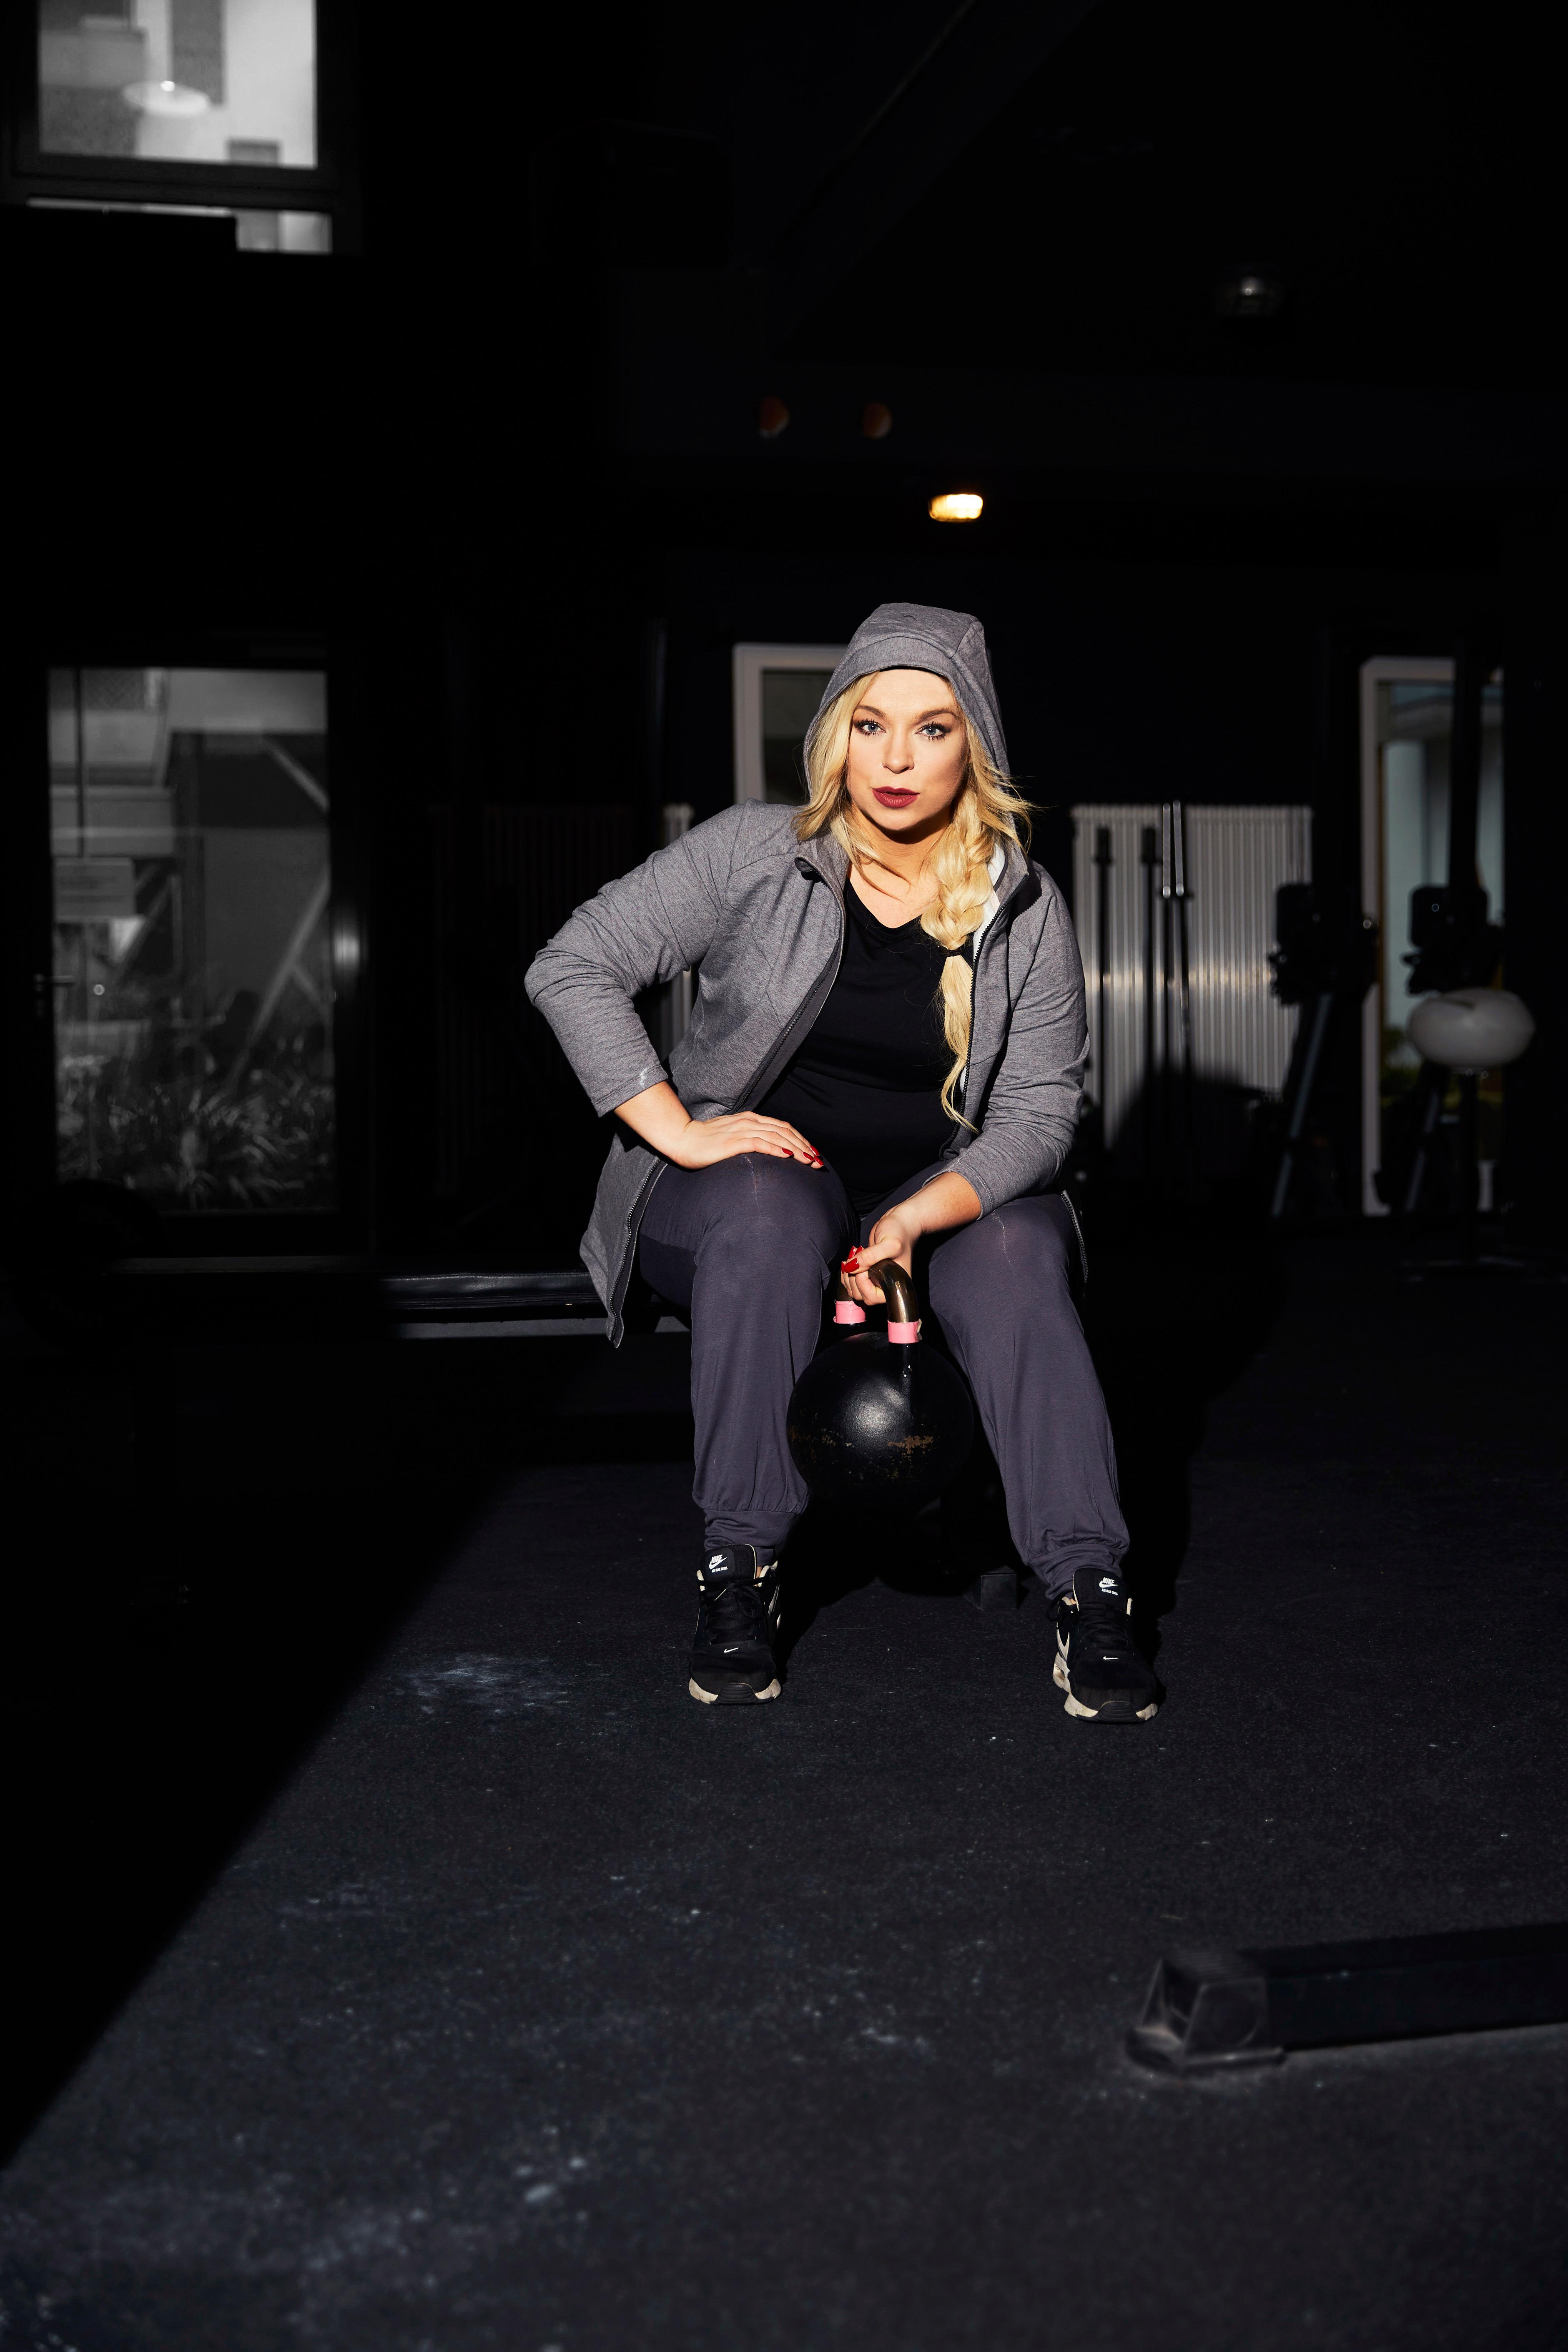 Caterina-Sport-curvy-plussize-sport-Nike-schaufensterpuppen-sport-pogorzelski